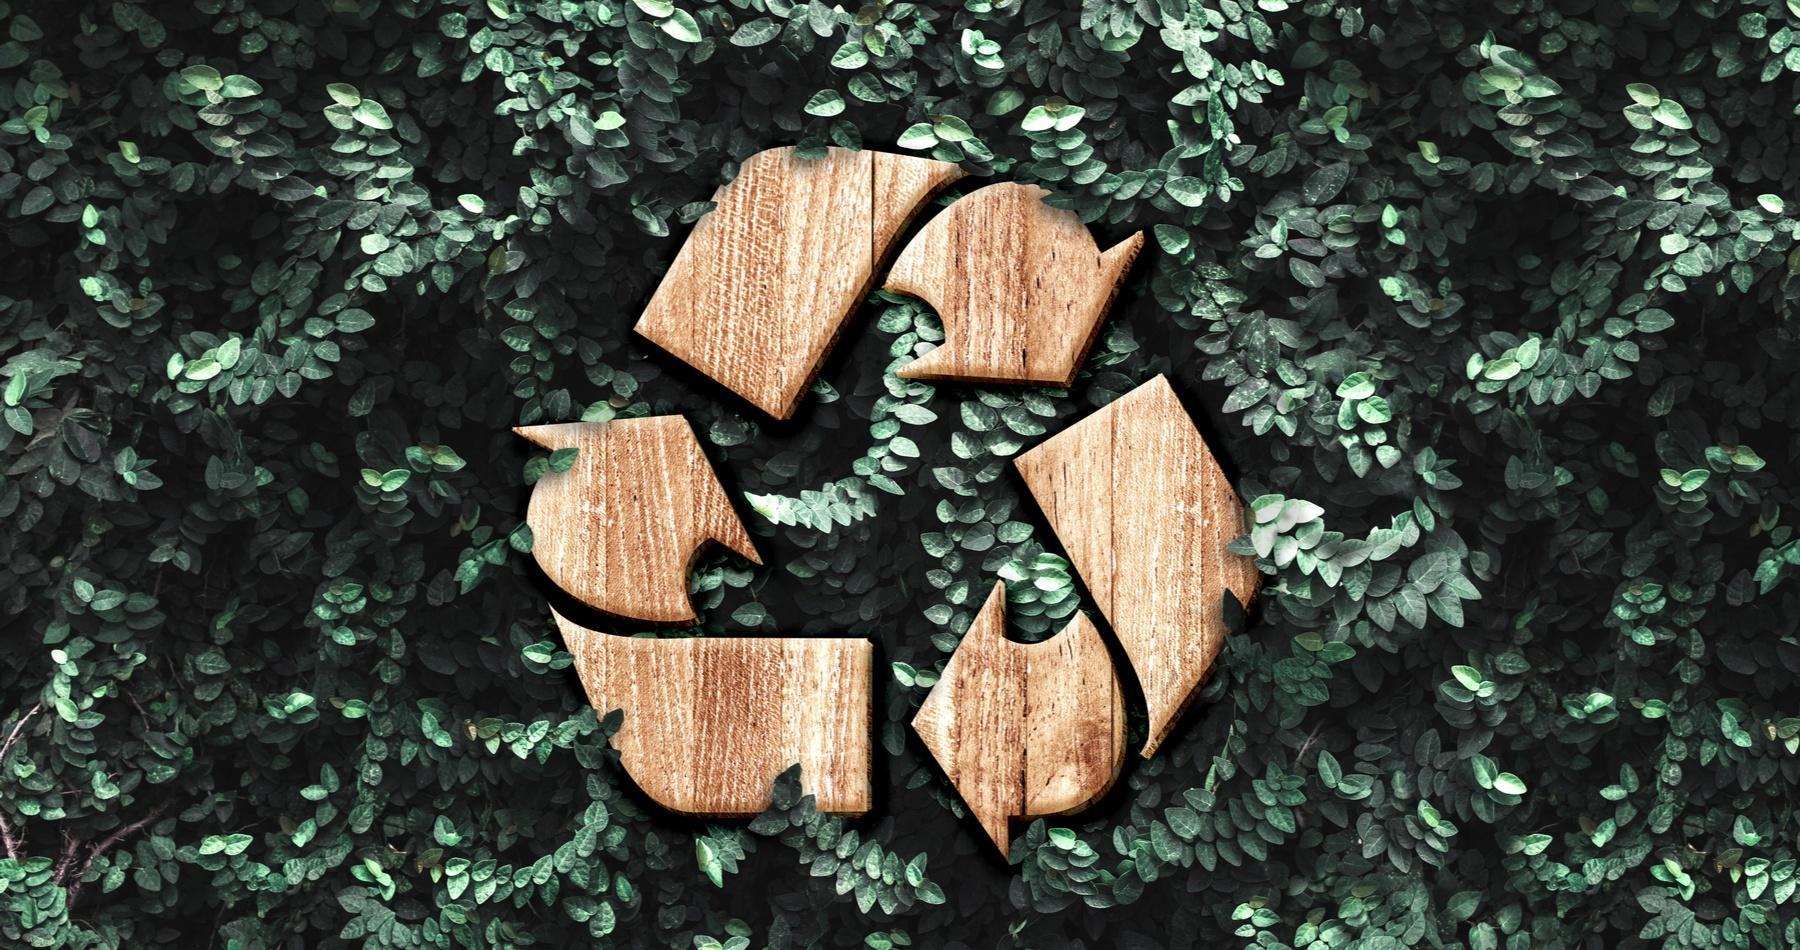 National Recycle Week 2021